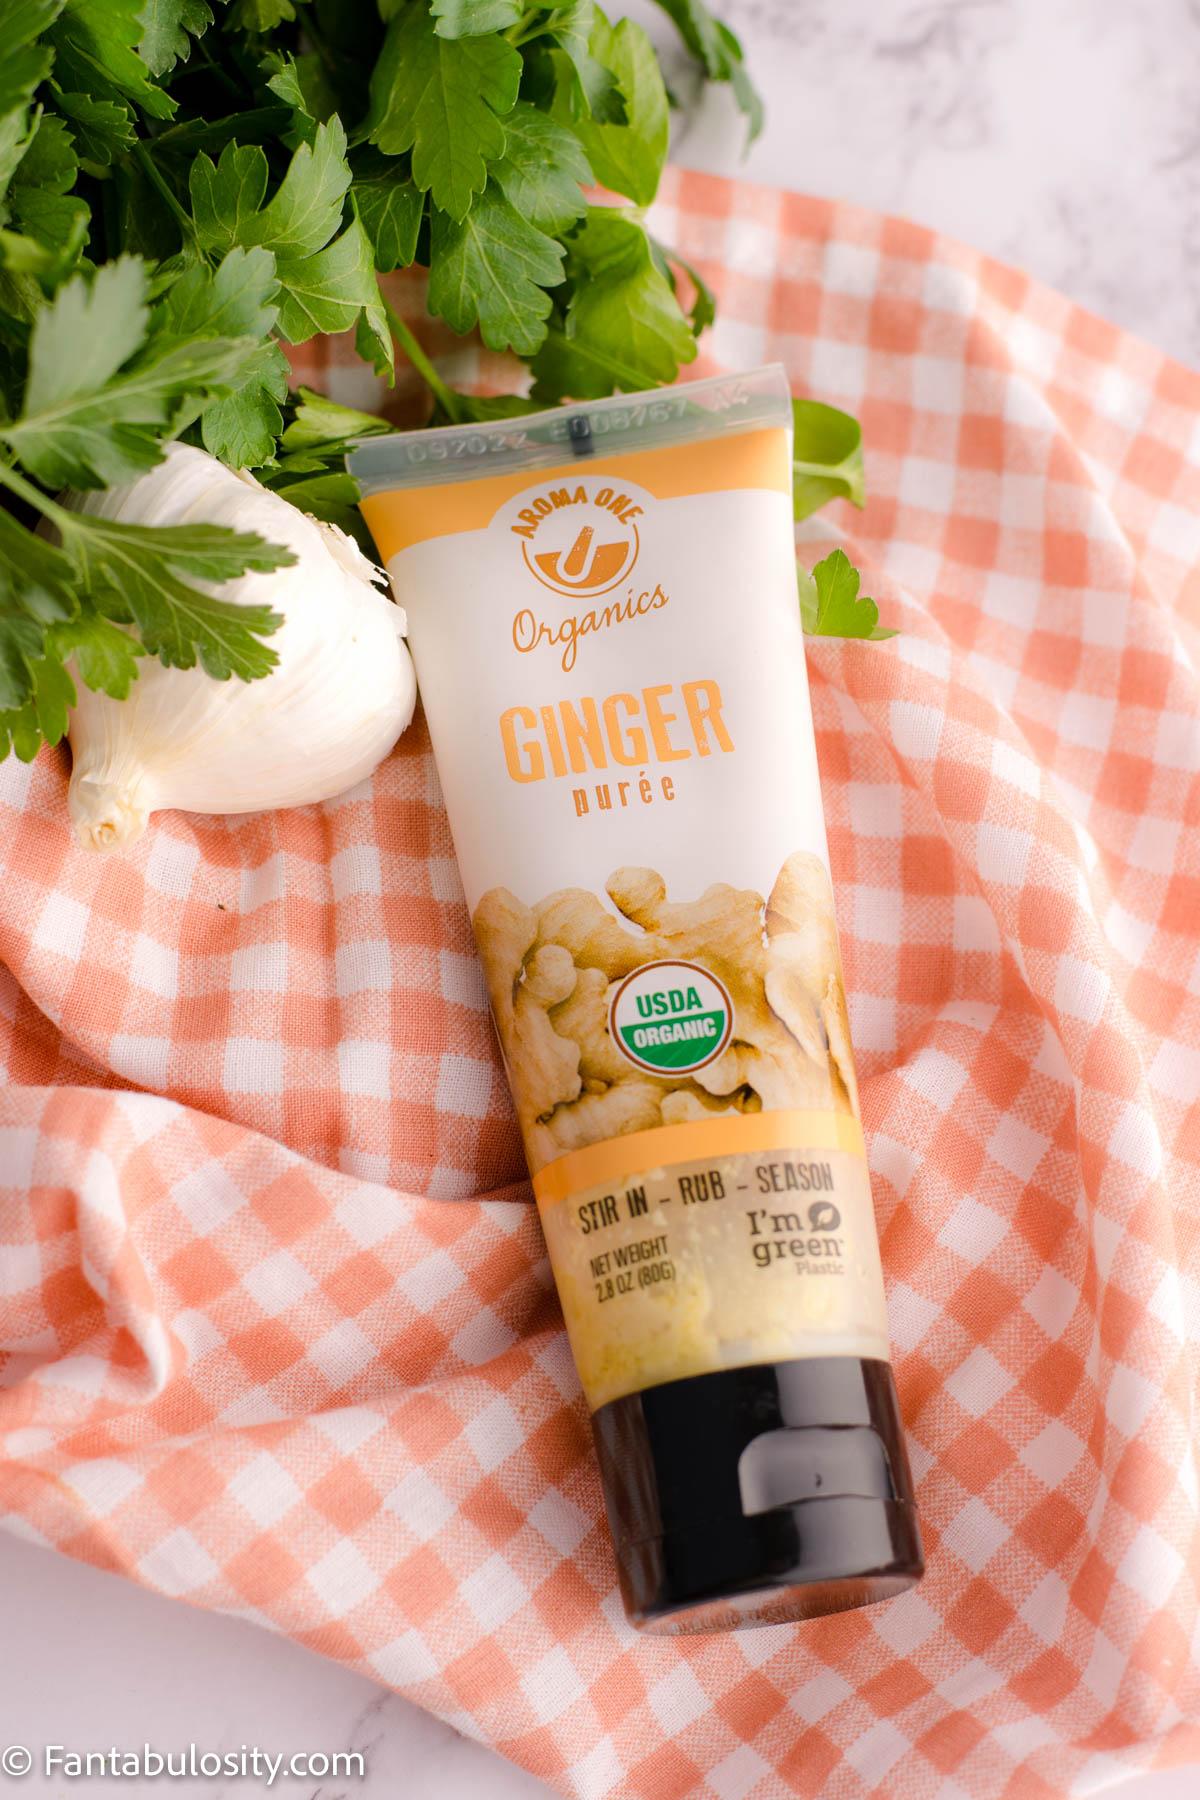 Ginger paste for teriyaki sauce